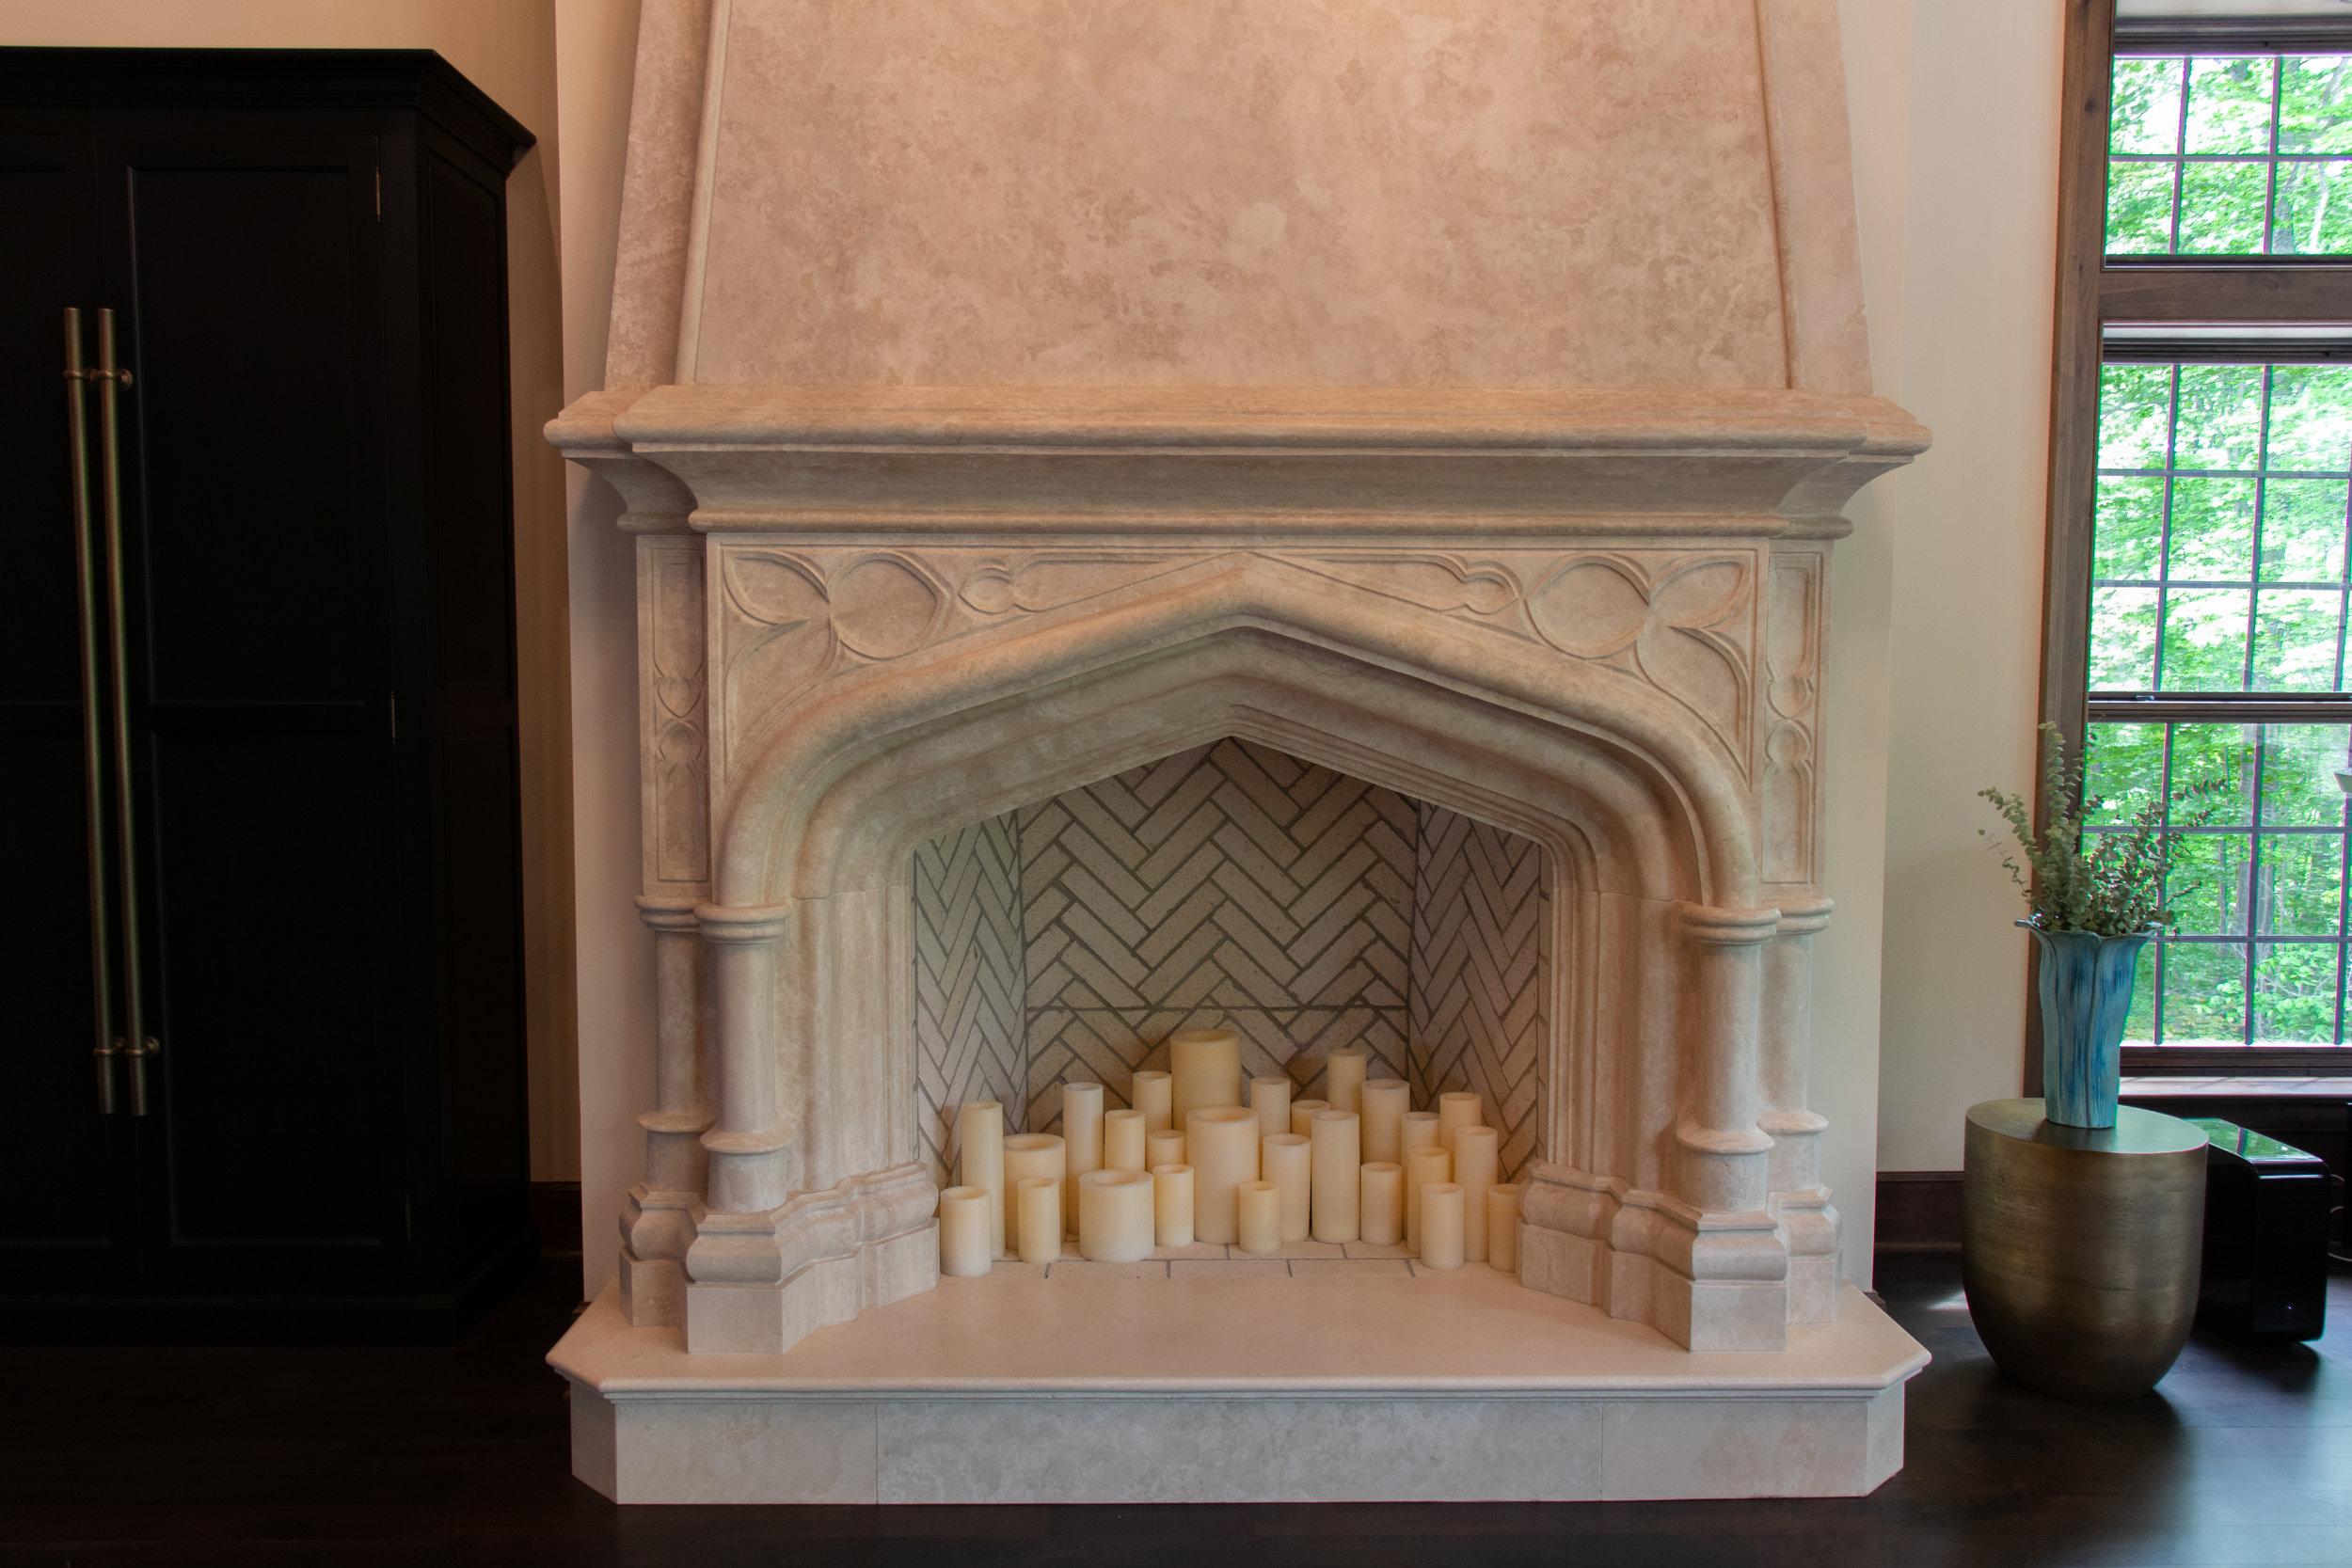 Mario fireplace 2019 LR-13.jpg